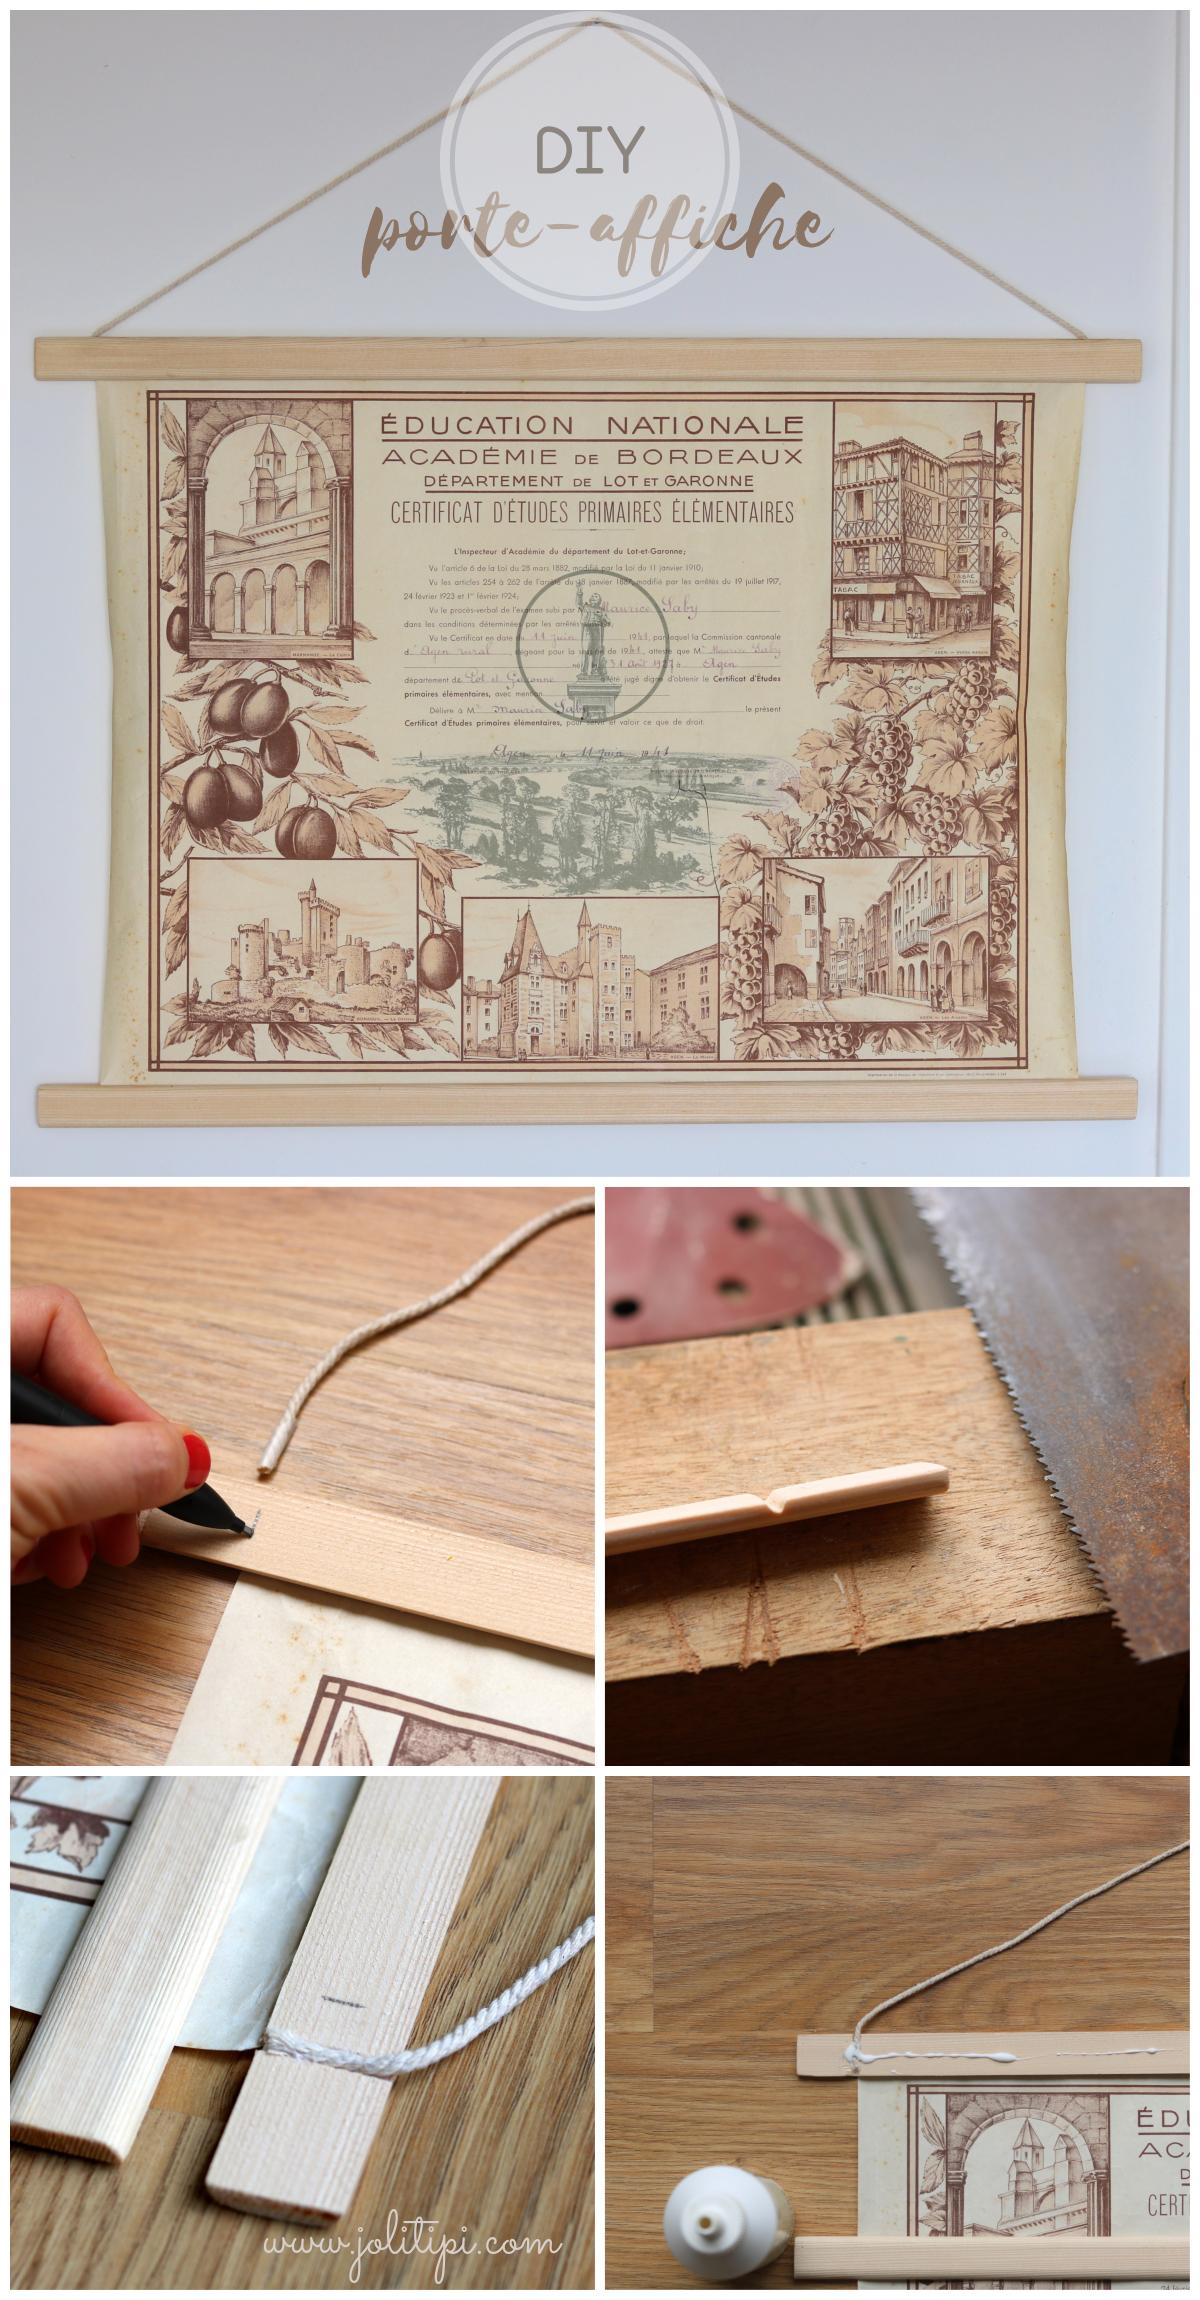 tutoriel fabriquer porte-affiche en bois